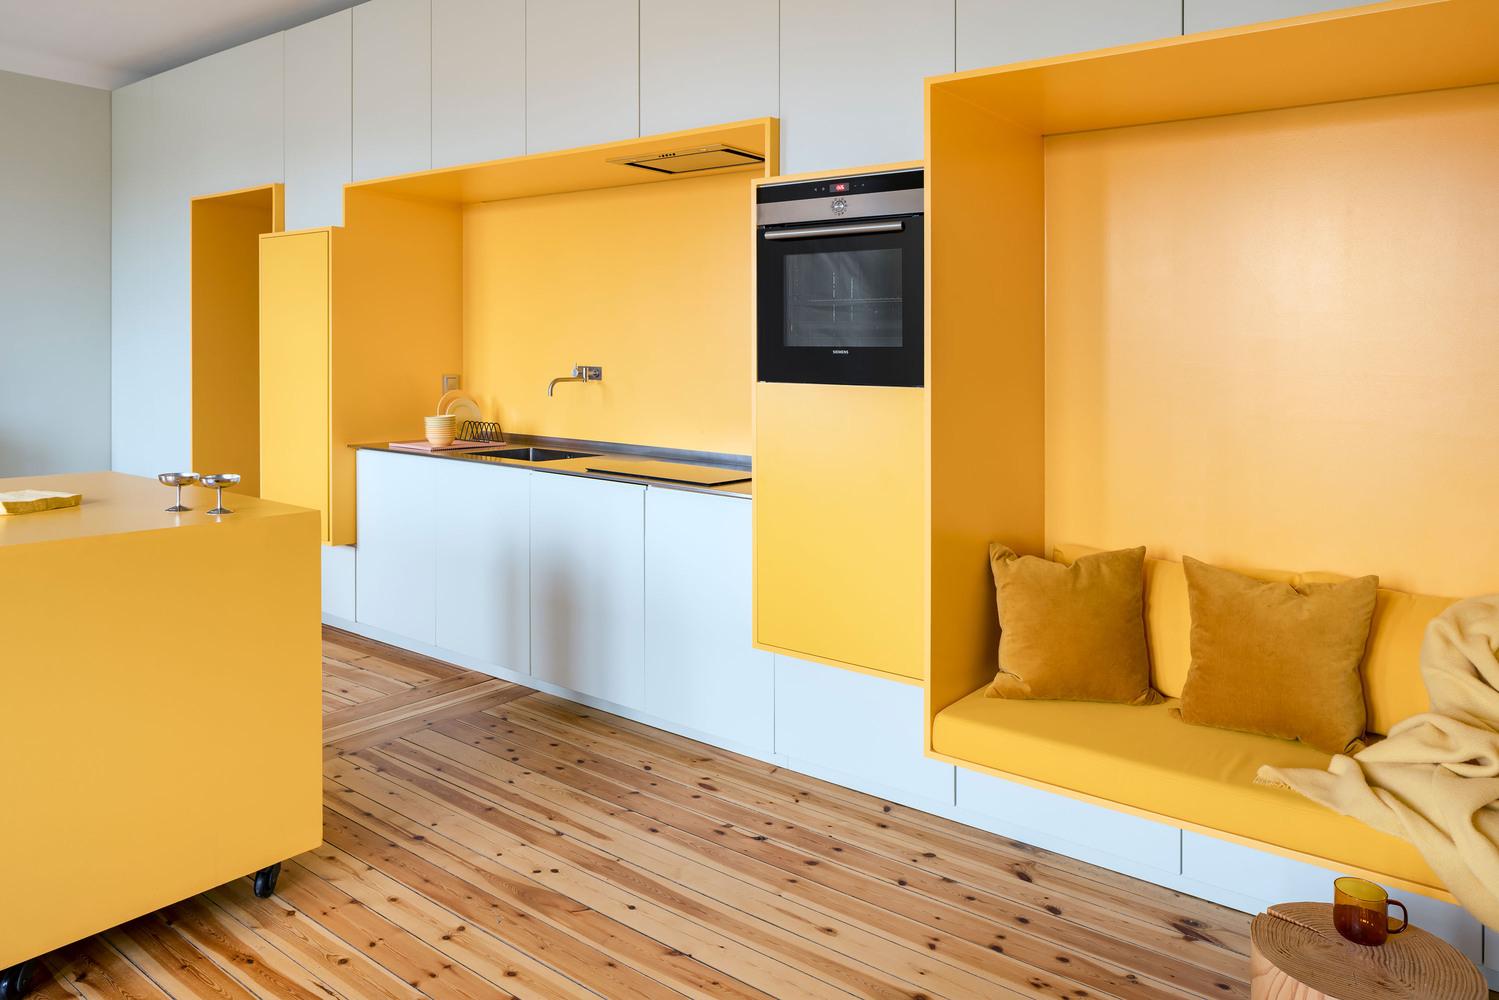 طراحی داخلی آپارتمان با دیوار مدولار - apartment function walls 12